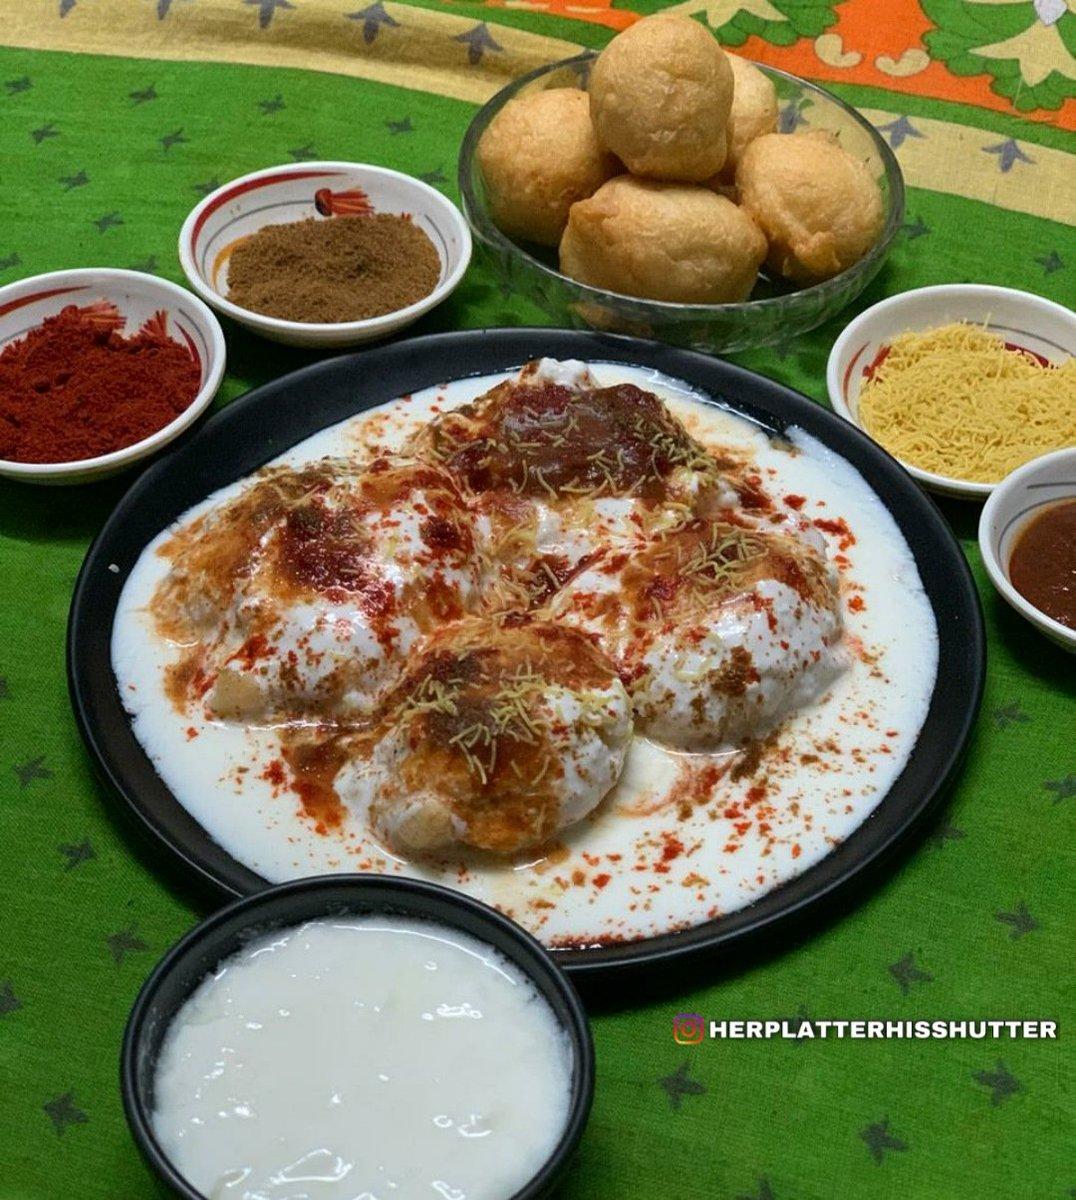 Yummy Homemade Dahi Vada 😋  Pls like my post n page on insta    #instafood #foodporn #foodphotography #dahivada #dahibhalla #loveforfood #foodlovers #desifood #indianfood #indianfoodrecipes